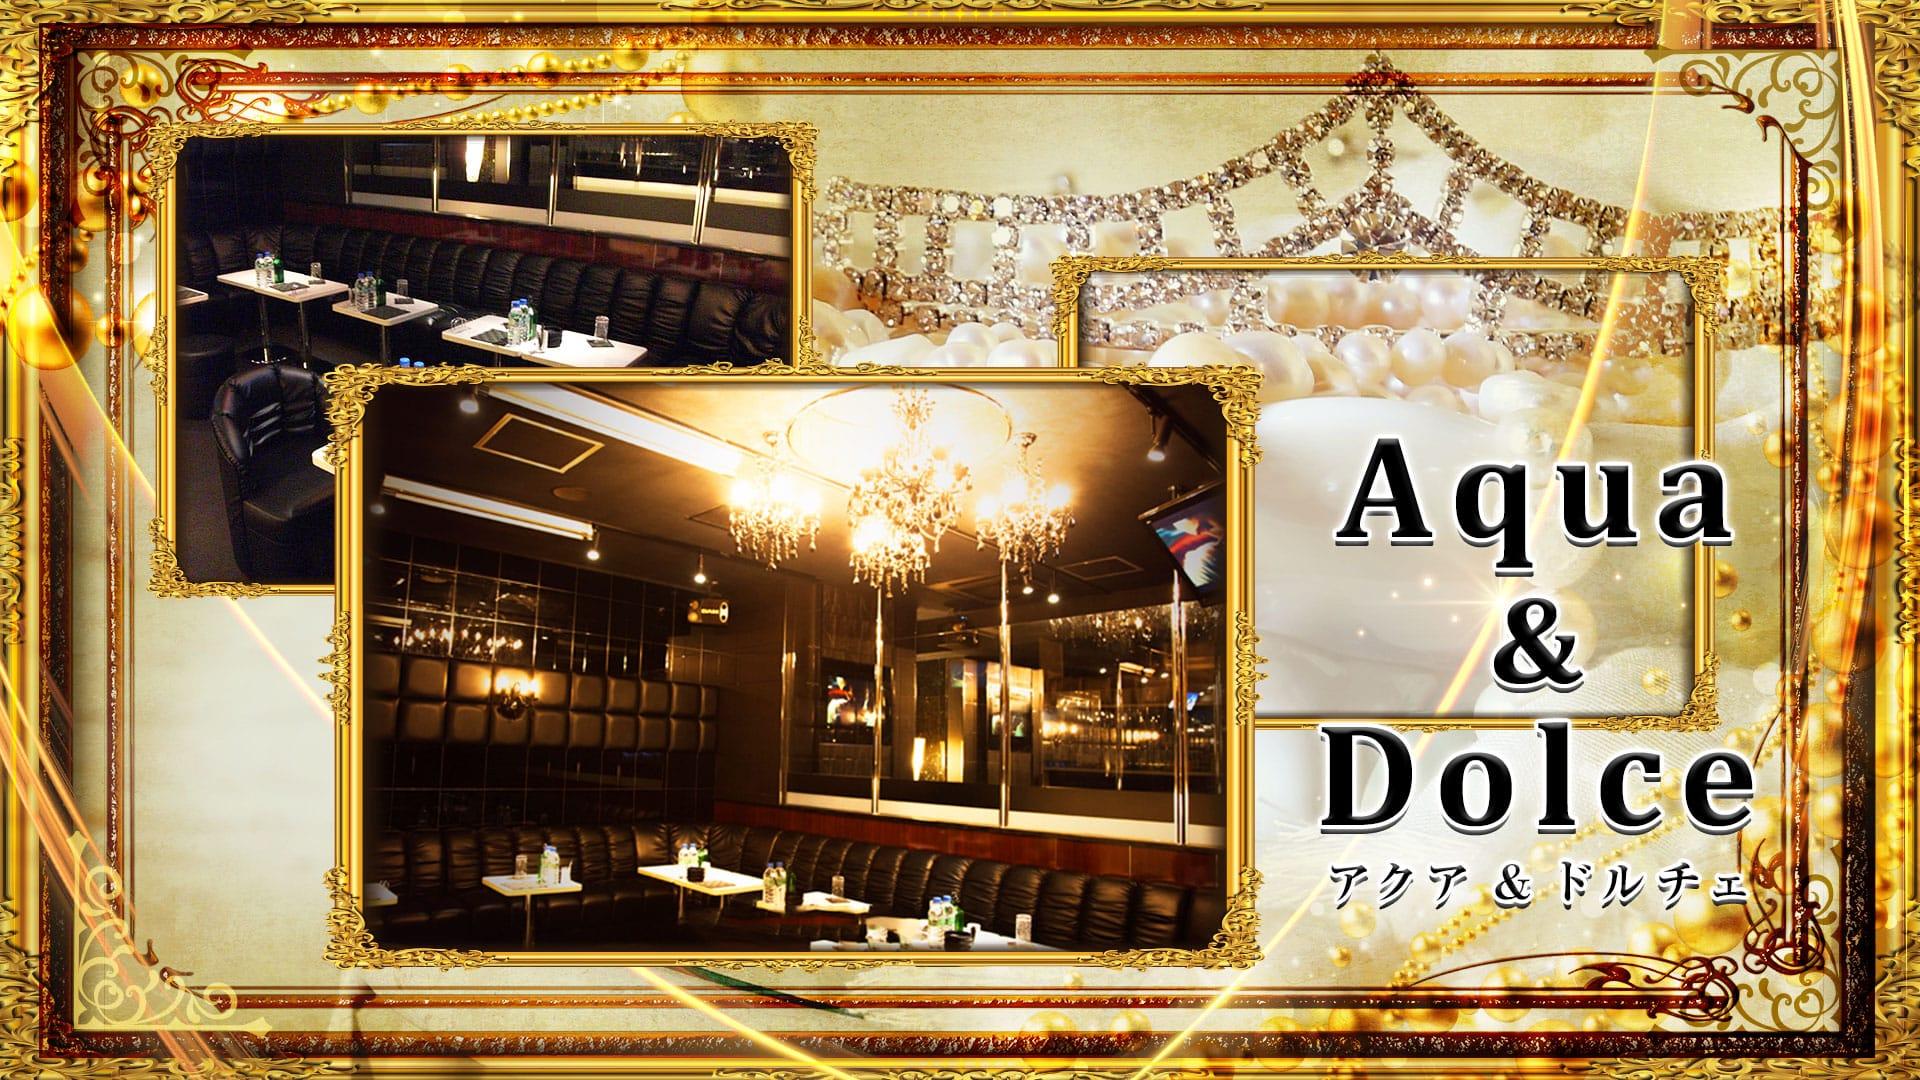 Aqua & Dolce~アクアアンドドルチェ~ 八王子キャバクラ TOP画像